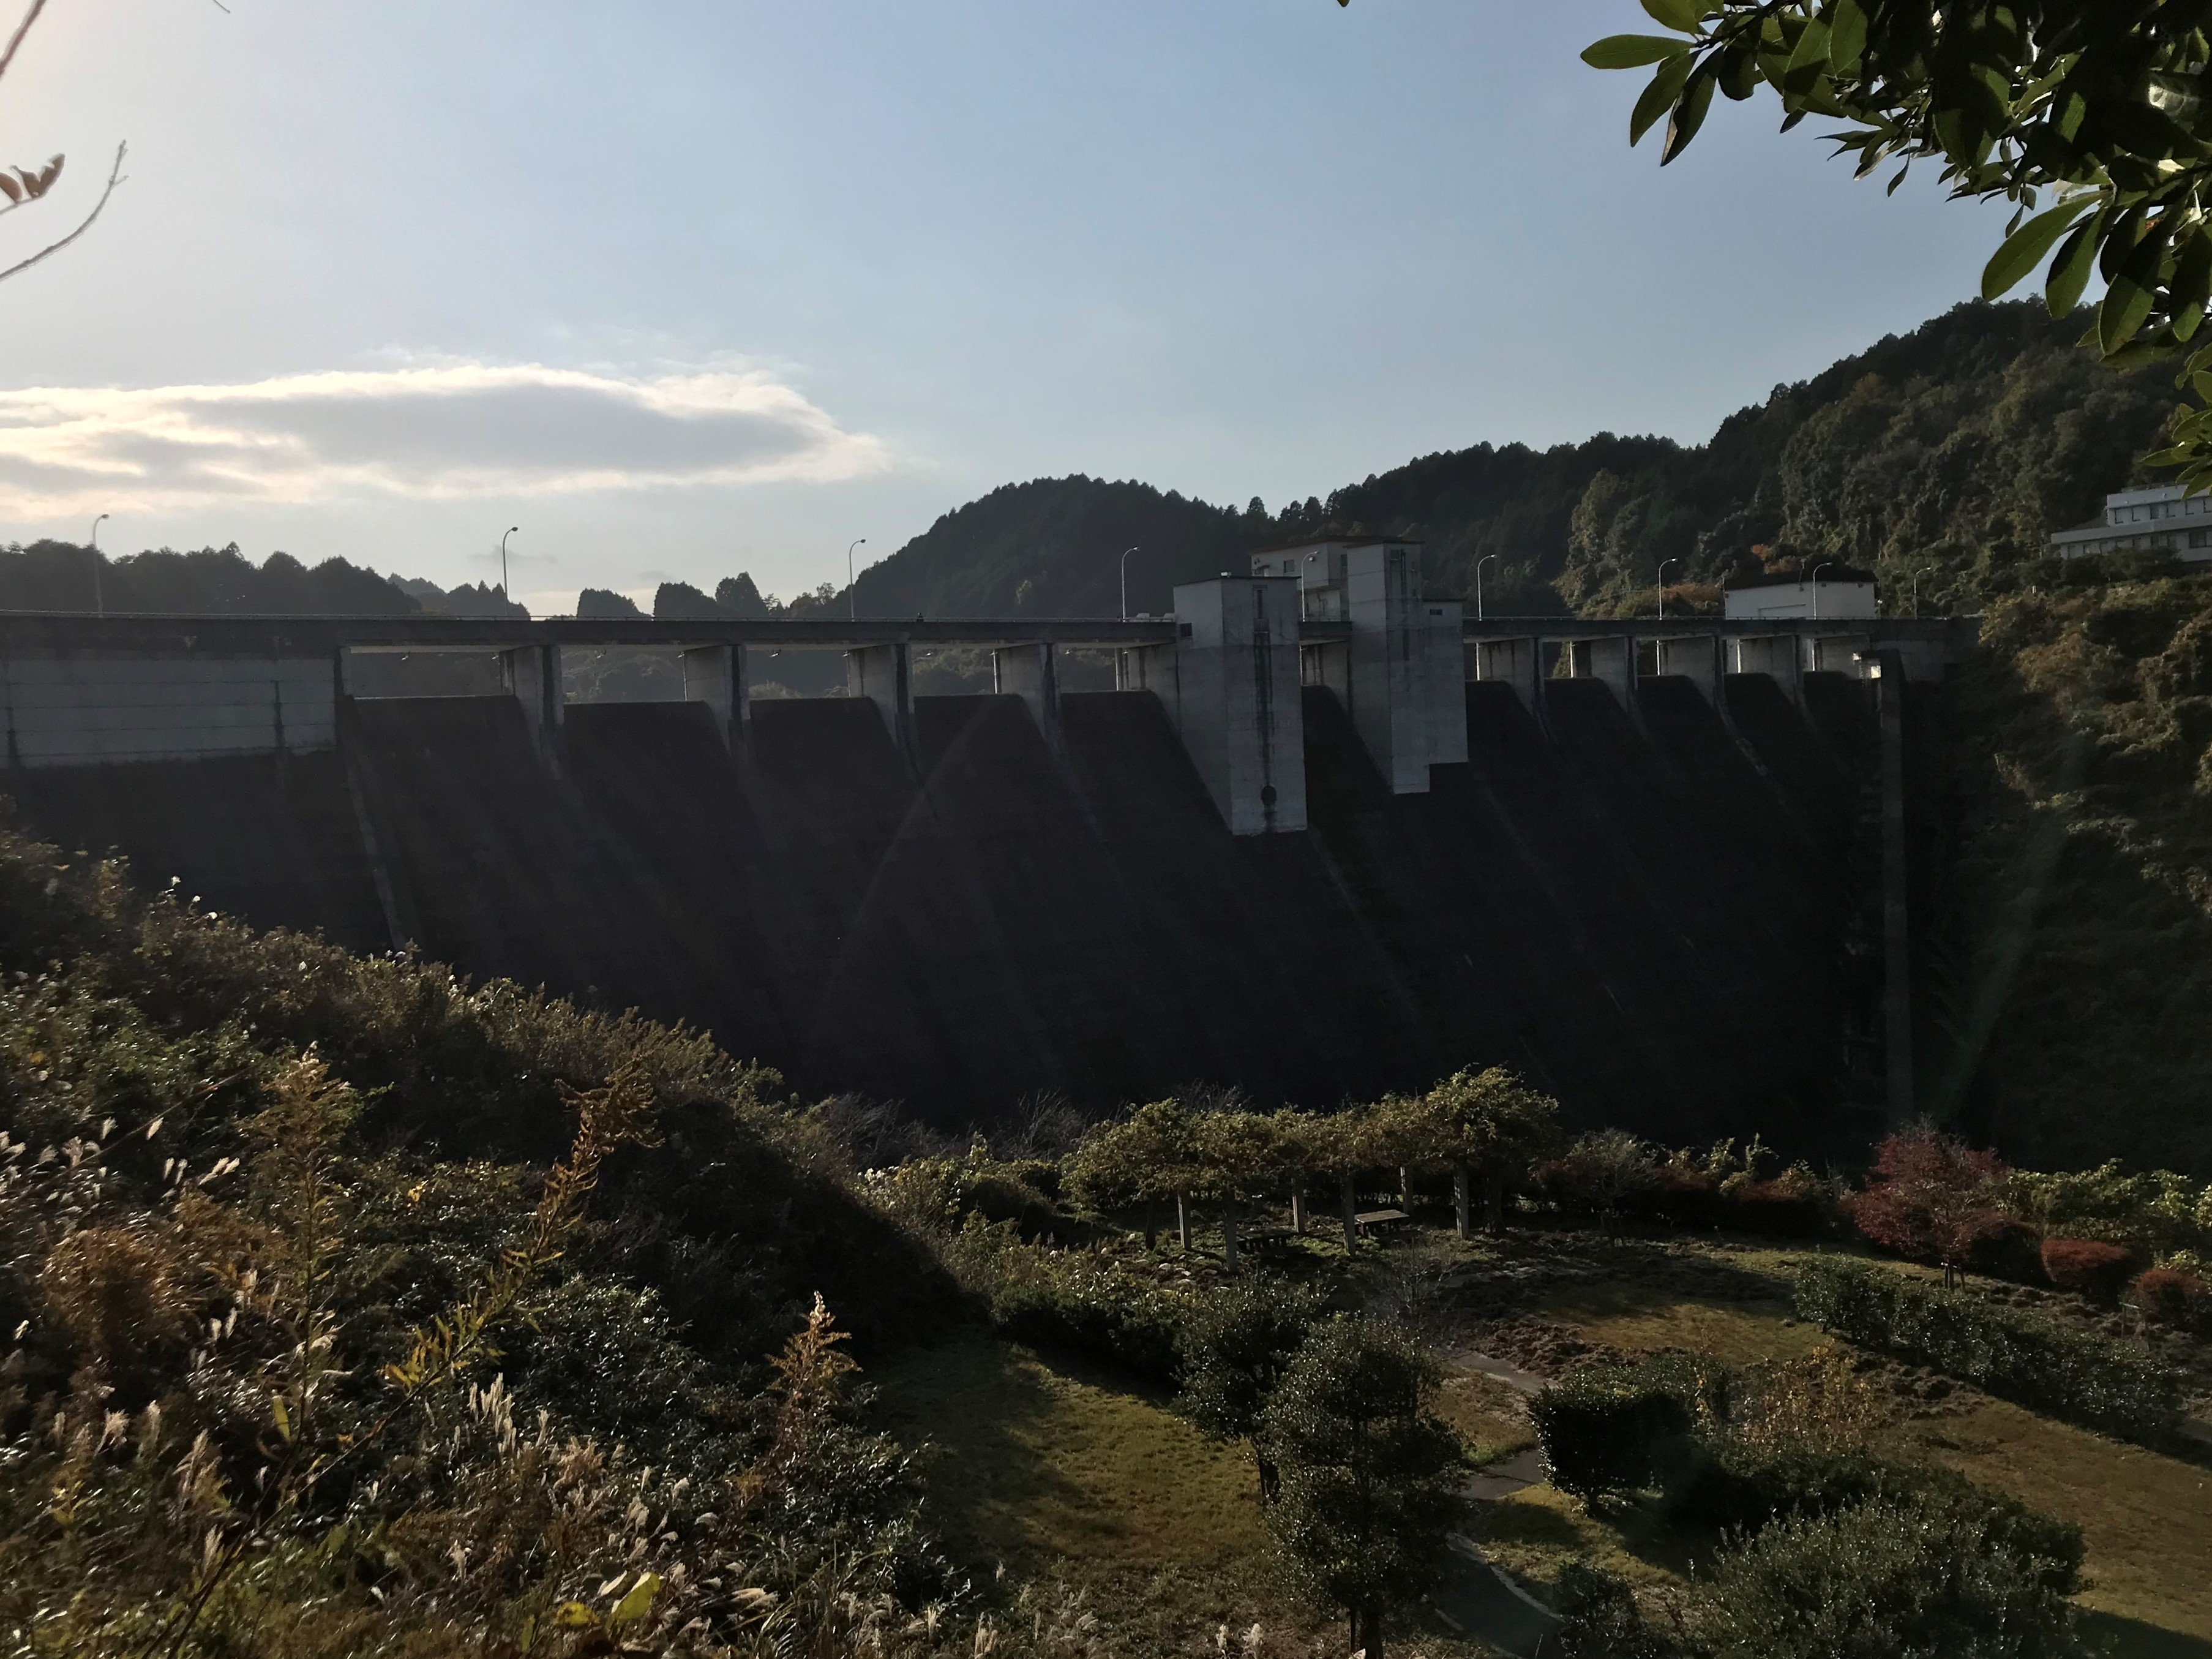 ぴーきち&ダイナ 布目ダムツーリング 布目ダムと公園